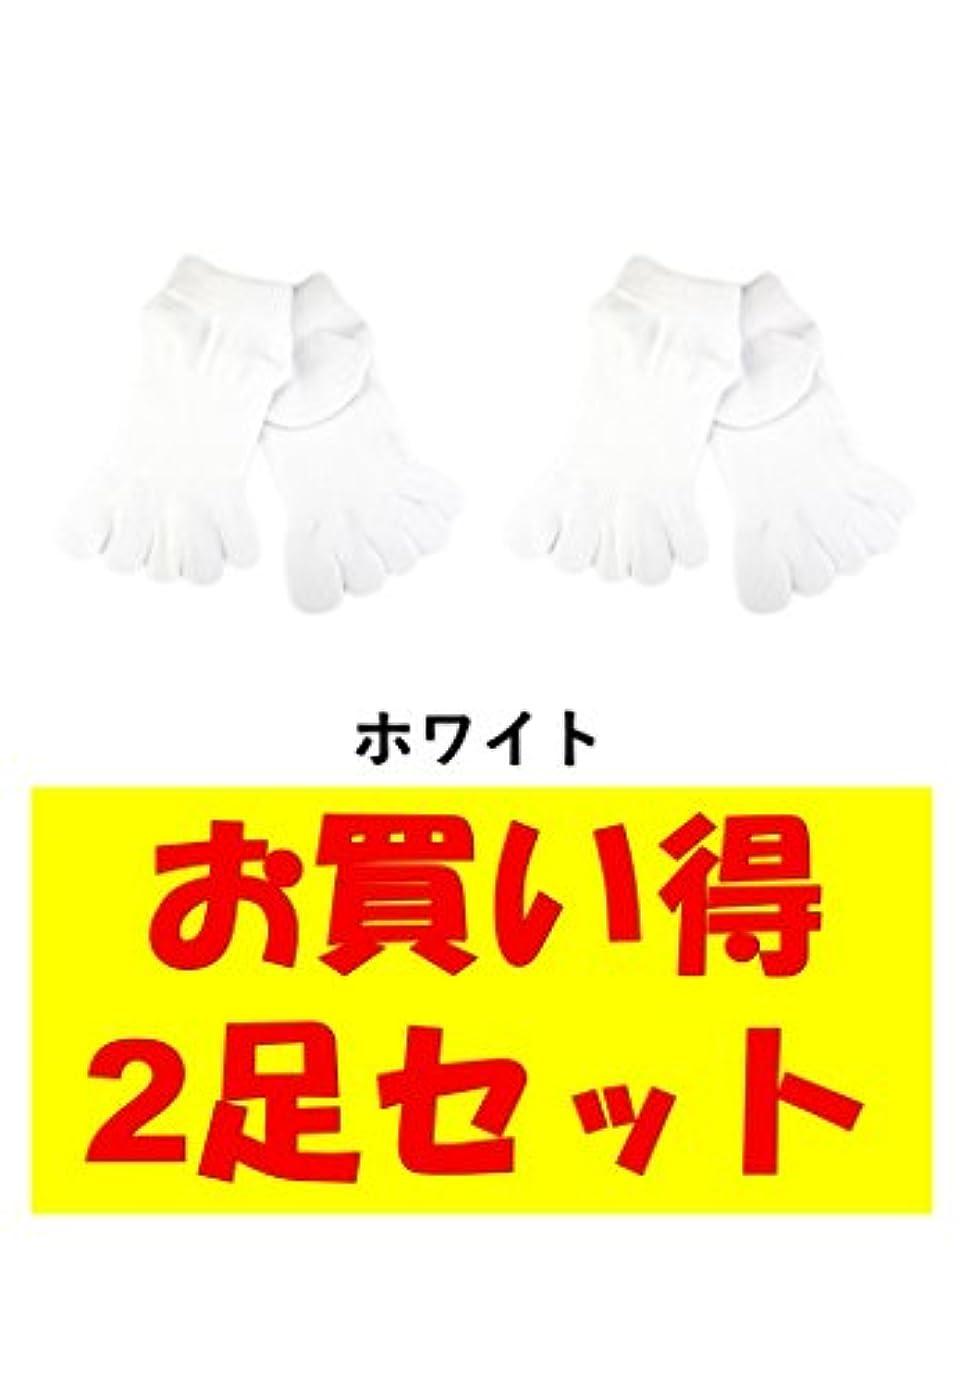 茎毛布名前を作るお買い得2足セット 5本指 ゆびのばソックス ゆびのば アンクル ホワイト Mサイズ 25.0cm-27.5cm YSANKL-WHT